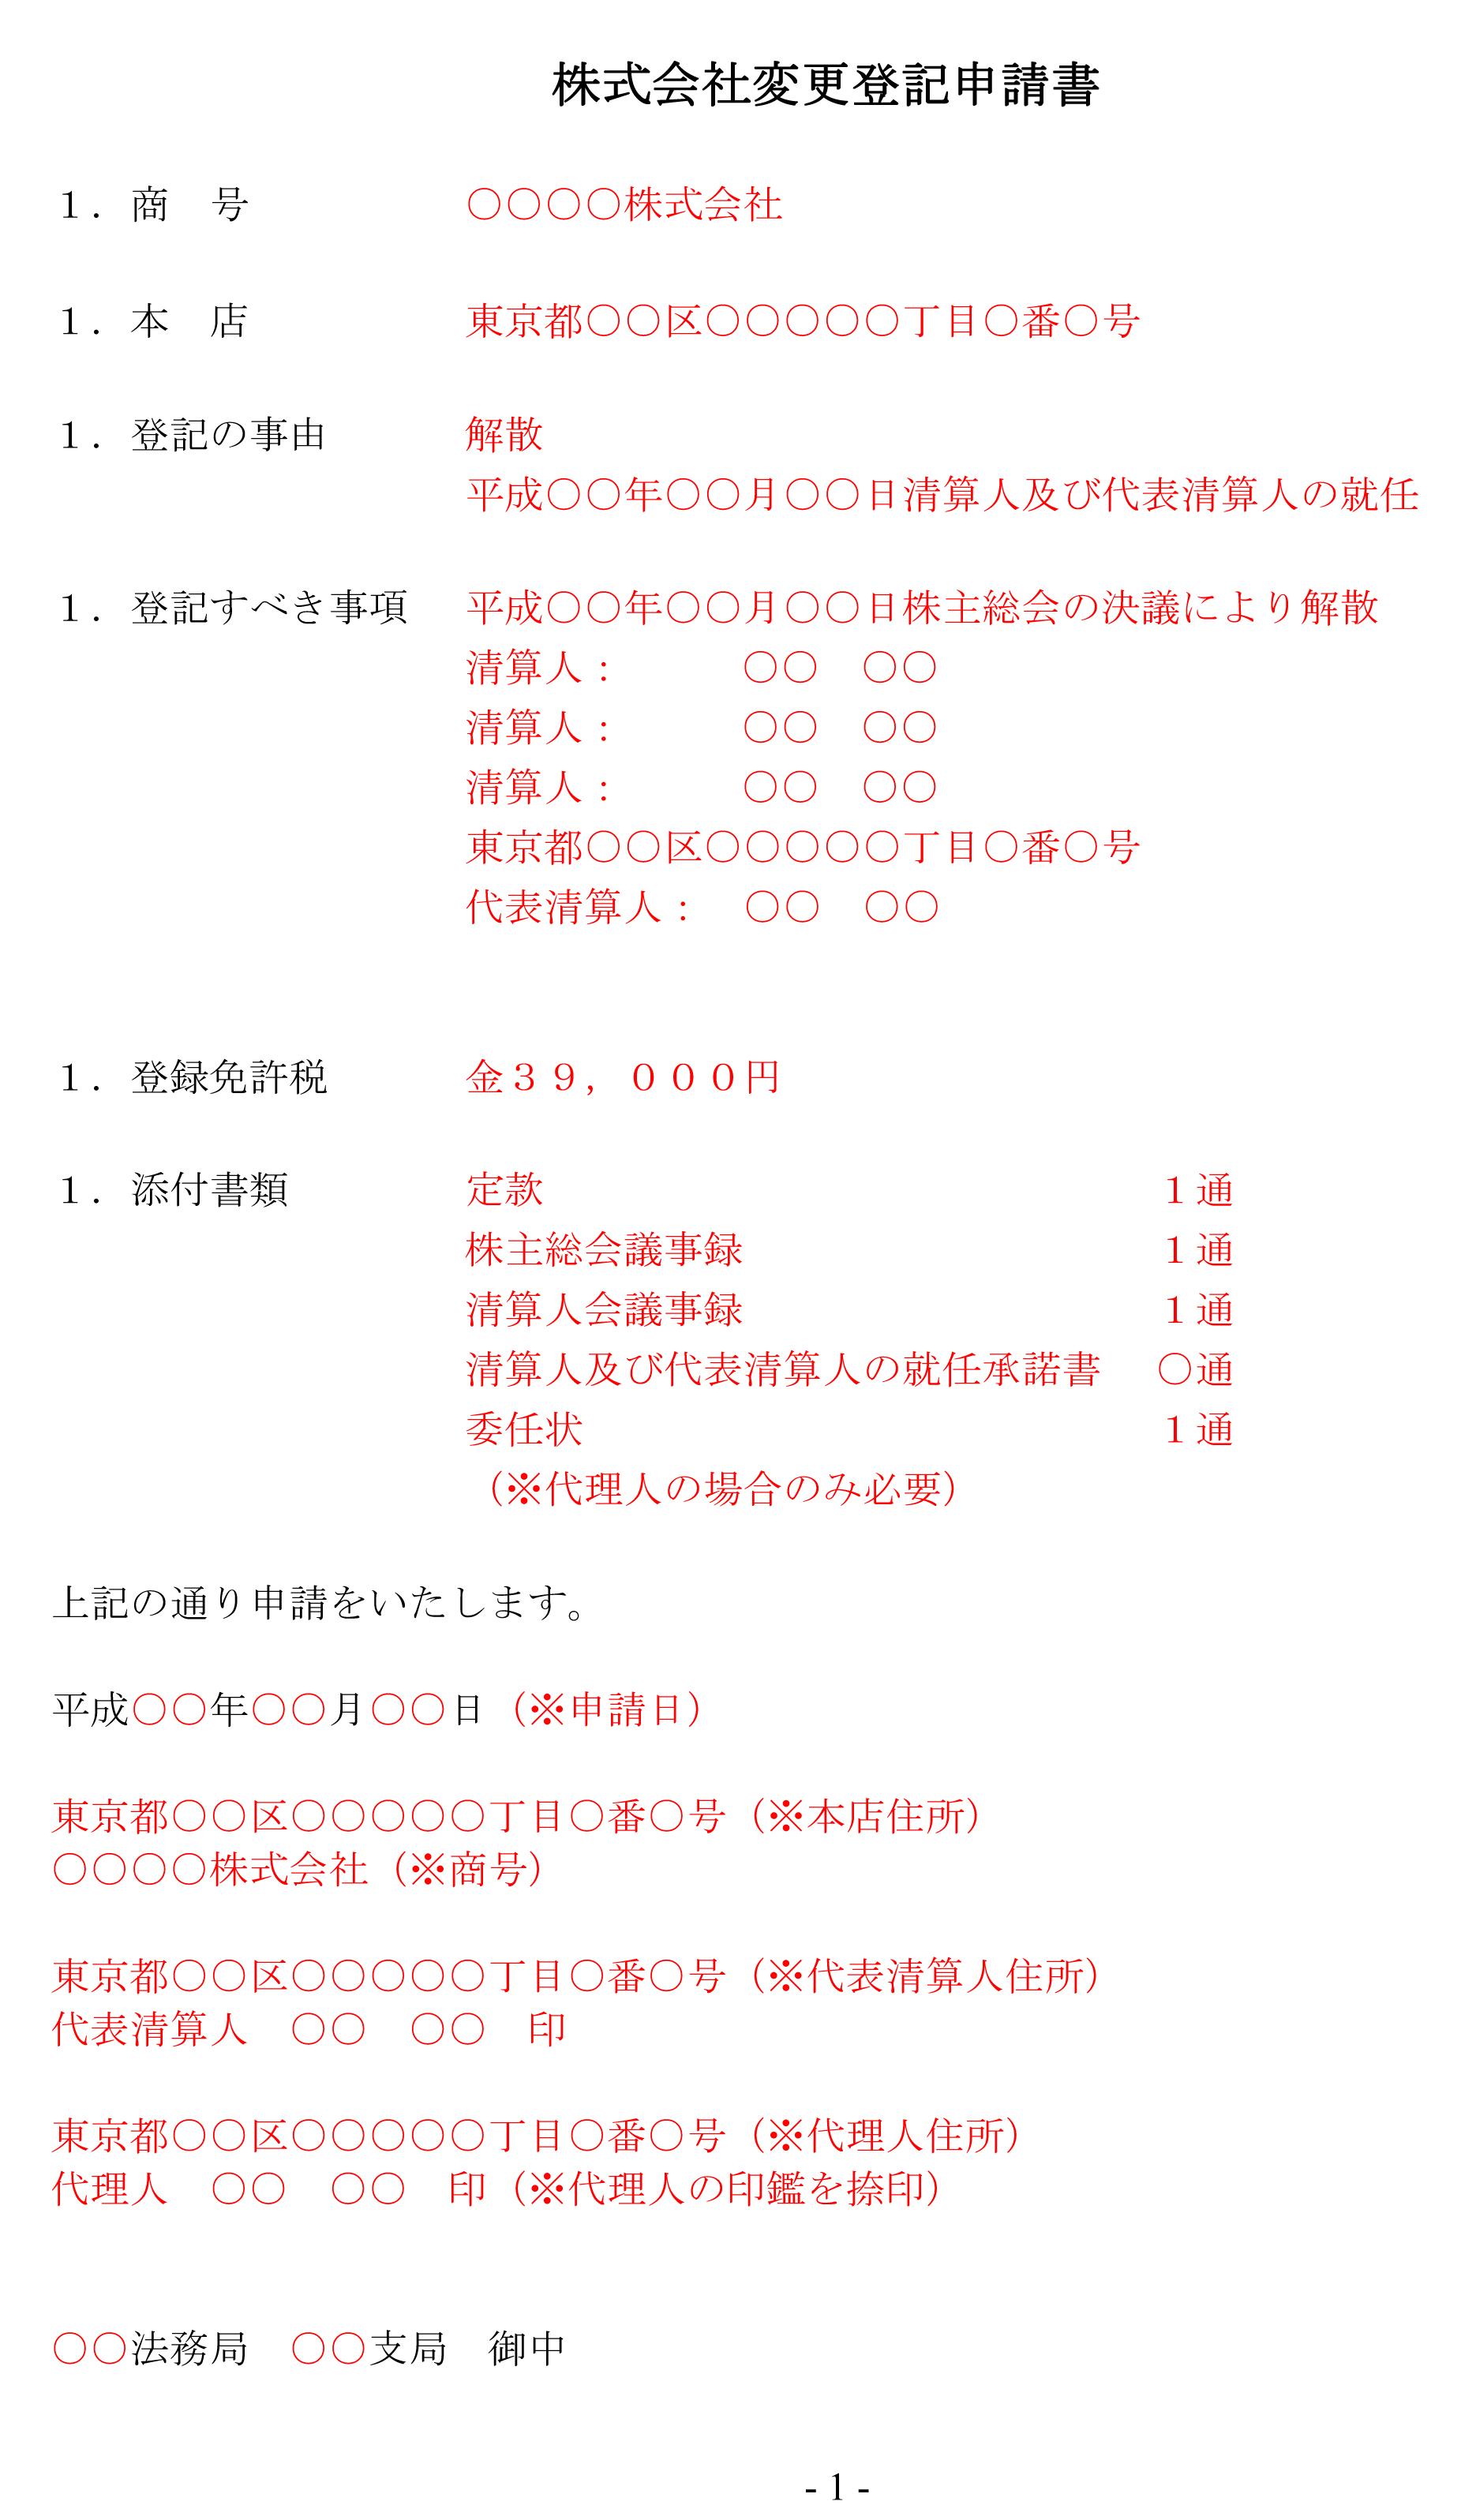 登記申請書(解散及び清算人選任)